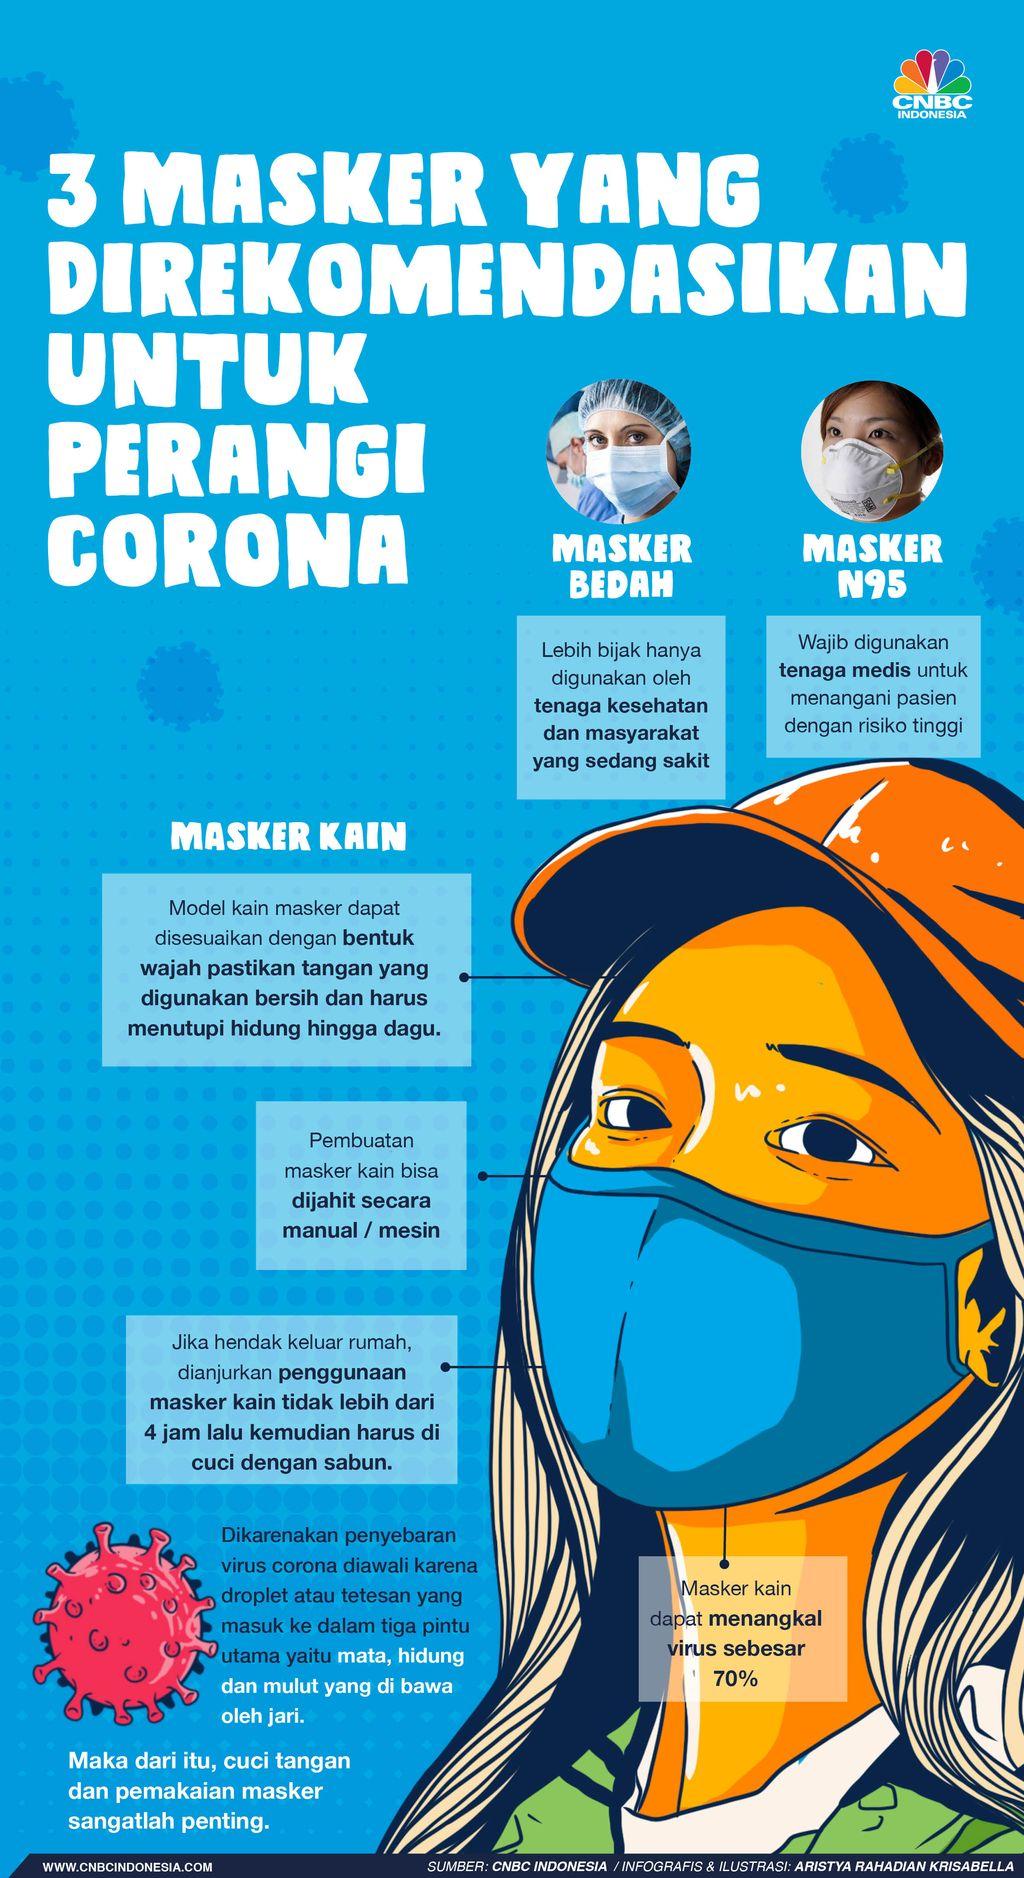 Infografis/ 3 Masker yang direkomendasikan untuk perangi corona